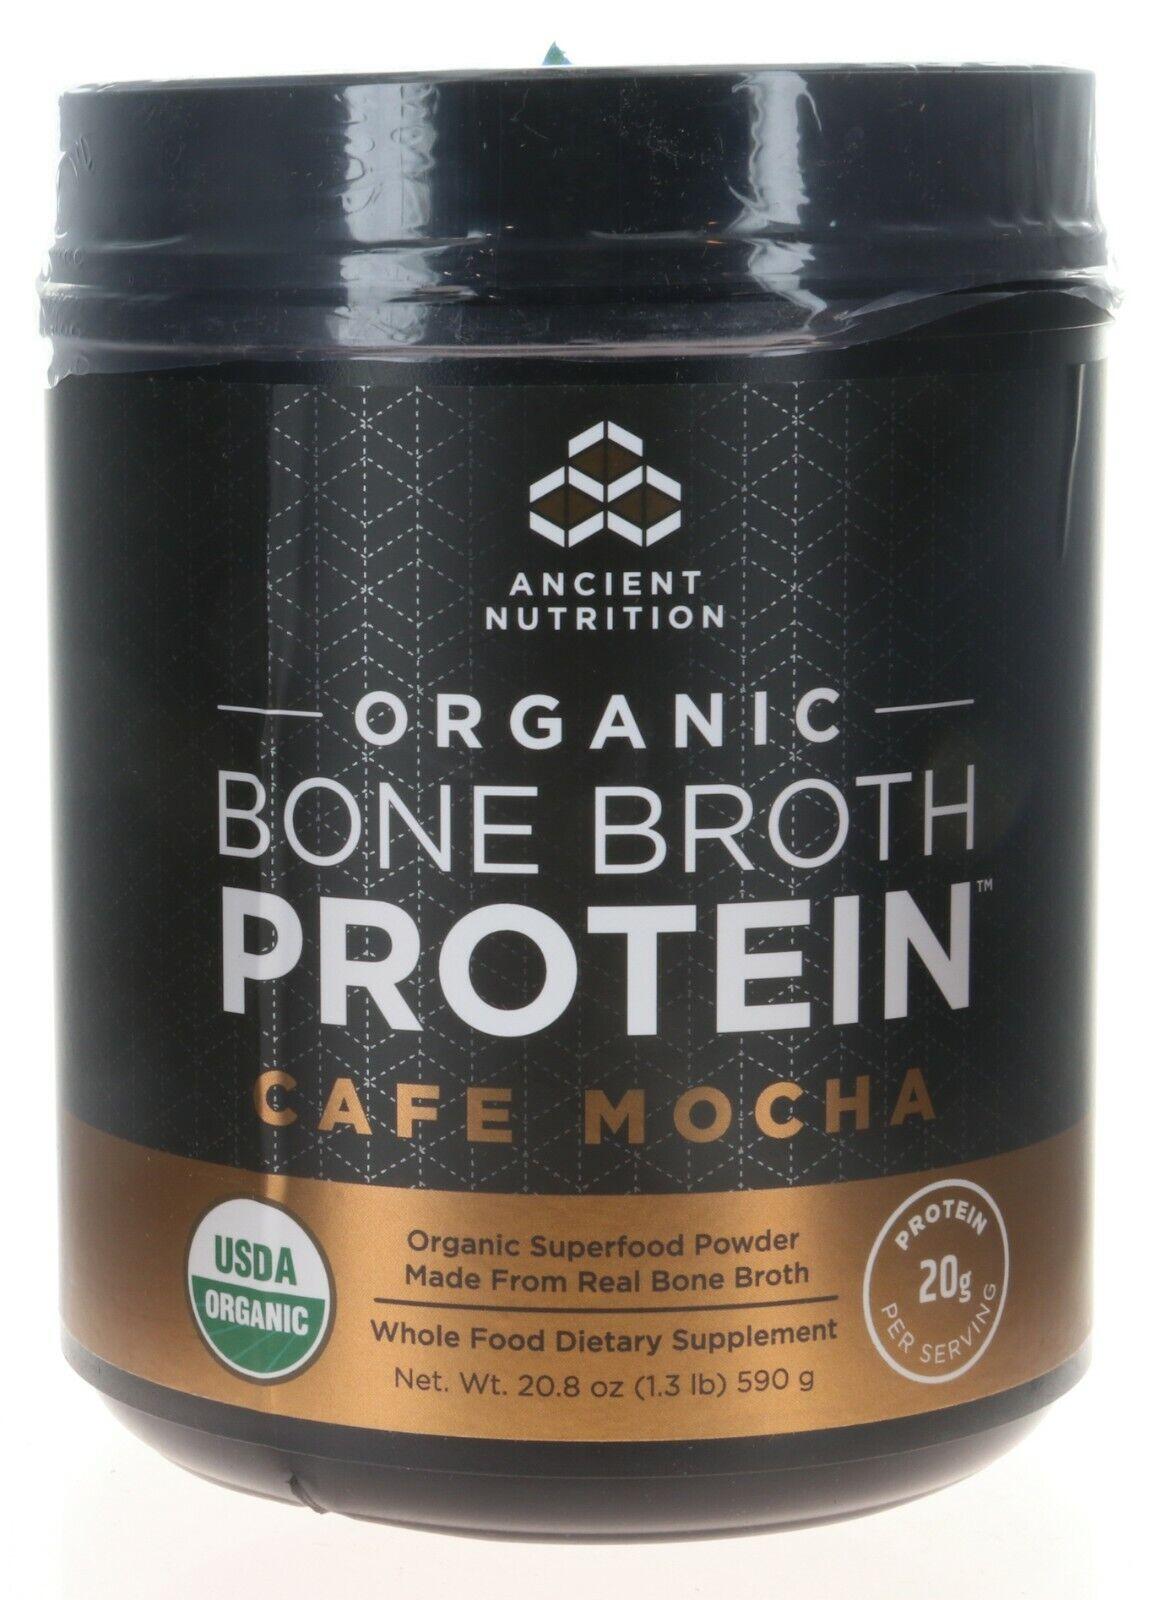 Bone Broth Protein, CAFE MOCHA, ORGANIC - Ancient Nutrition